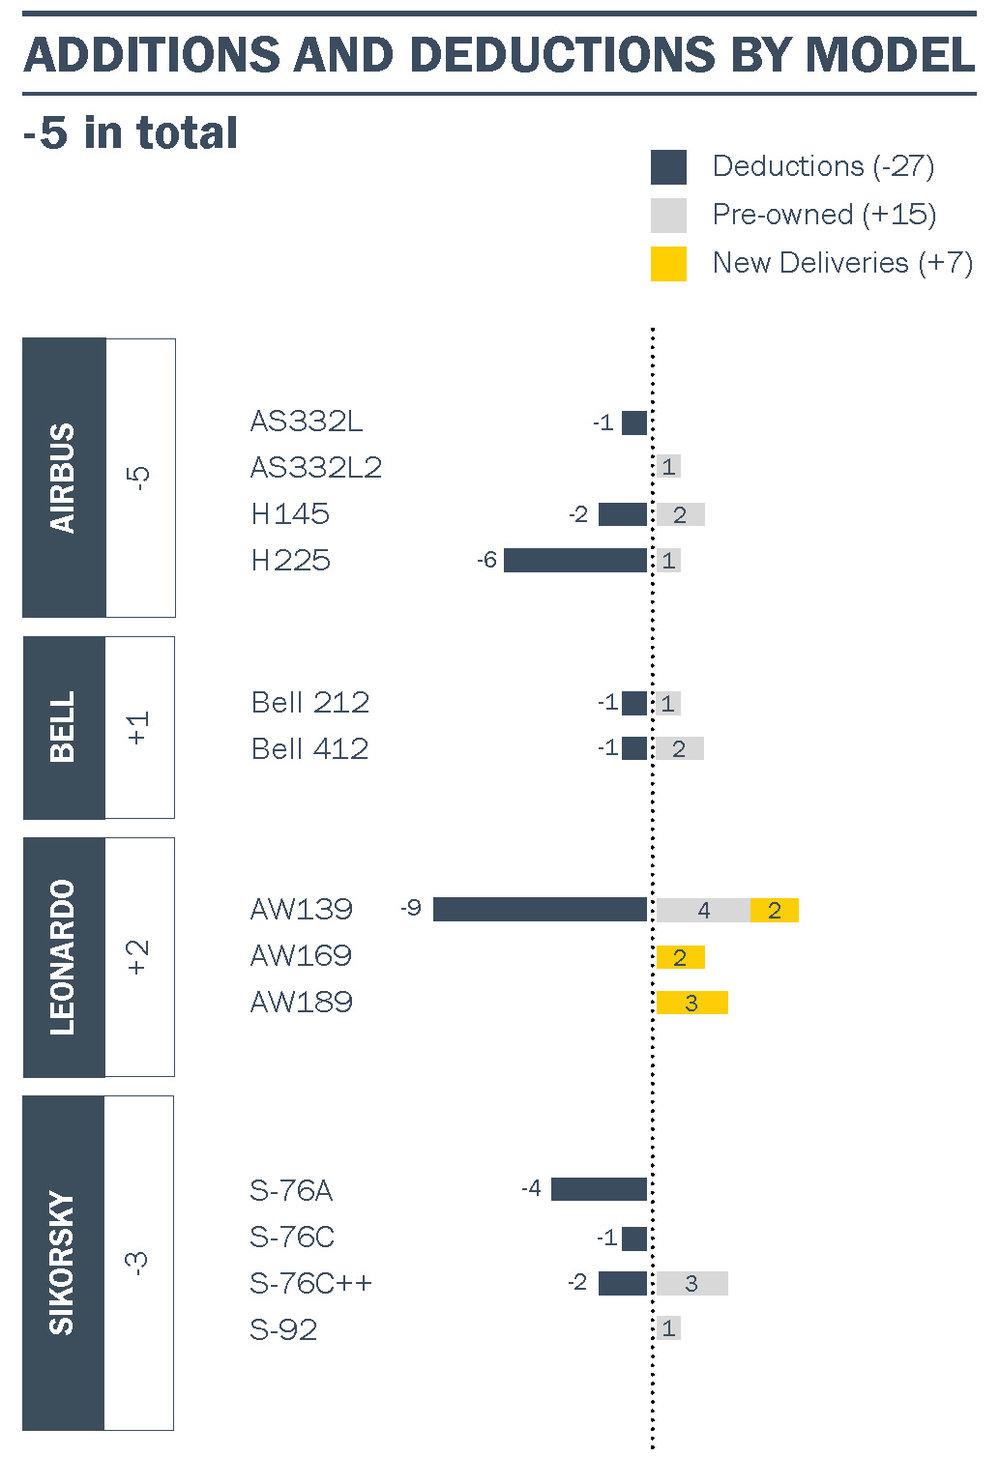 2018 Heli Fleet Report EN - 20190322 FINAL-29.jpg